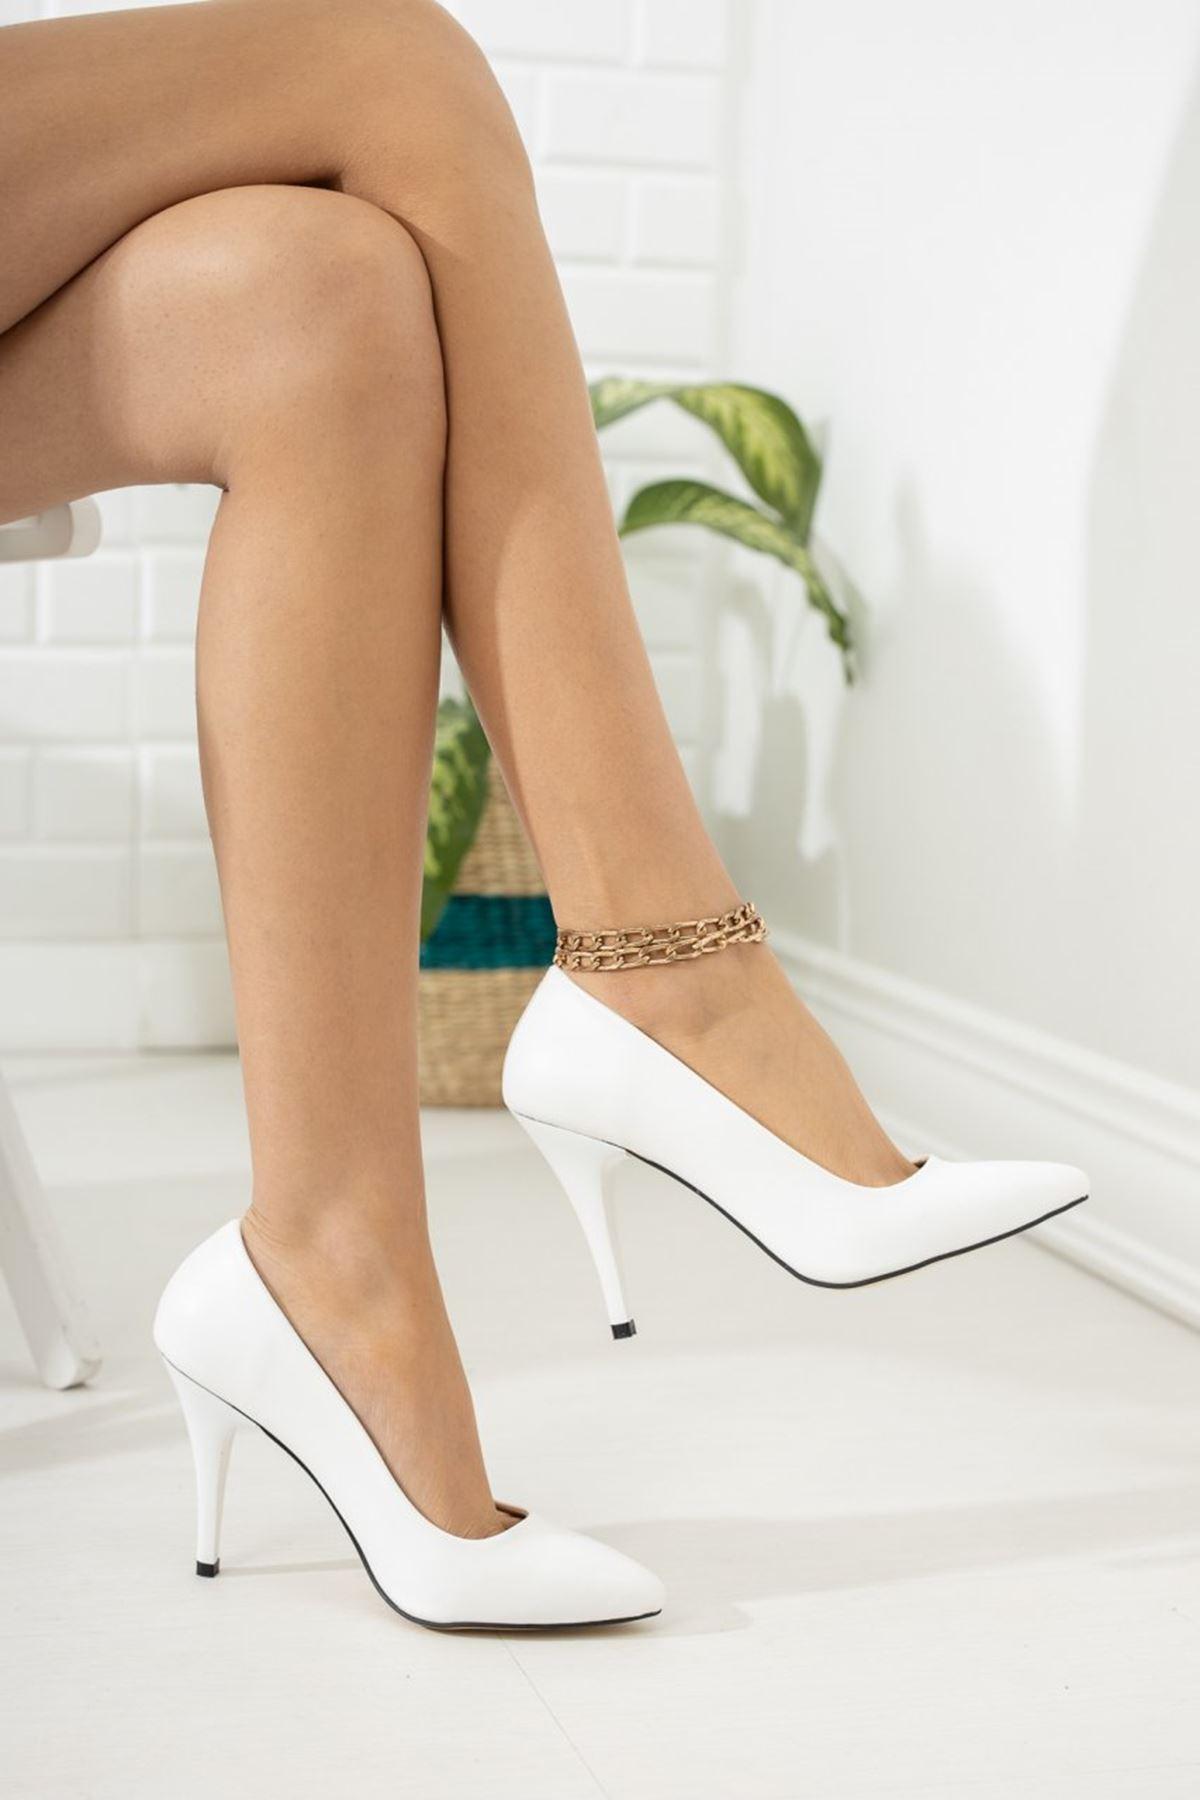 Kadın Ages Yüksek Topuklu Mat Deri Beyaz Stiletto